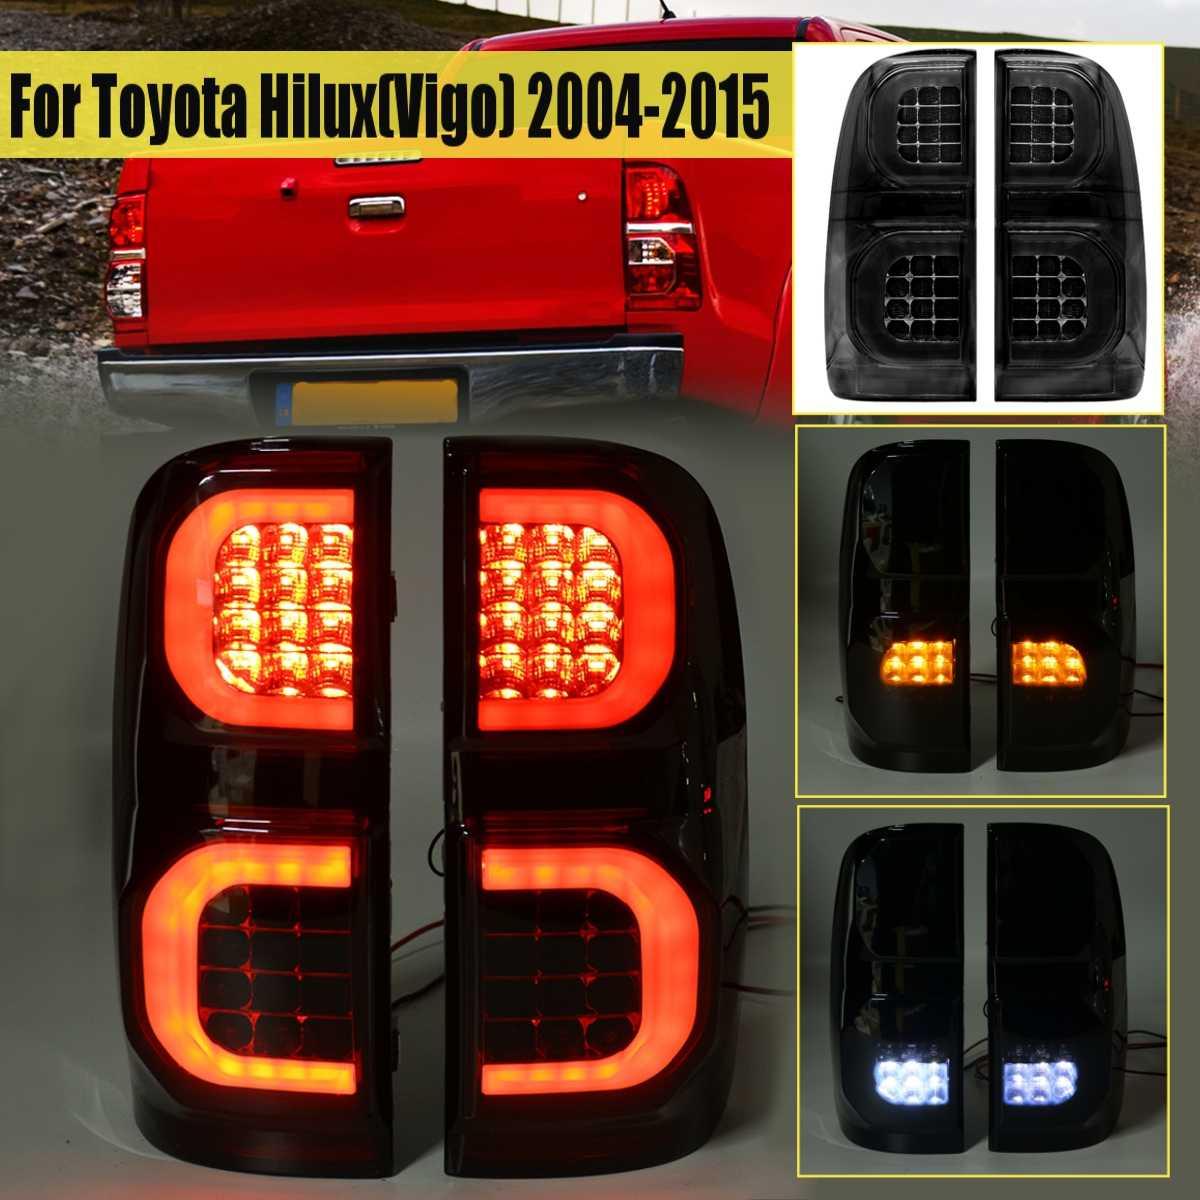 2 Pcs Car Smoke Led Taillights For Toyota Hilux Vigo KUN26 SR SR5 Workmate 2004 2005 2006 - 2015 Pickup Reverse Brake Rear Light